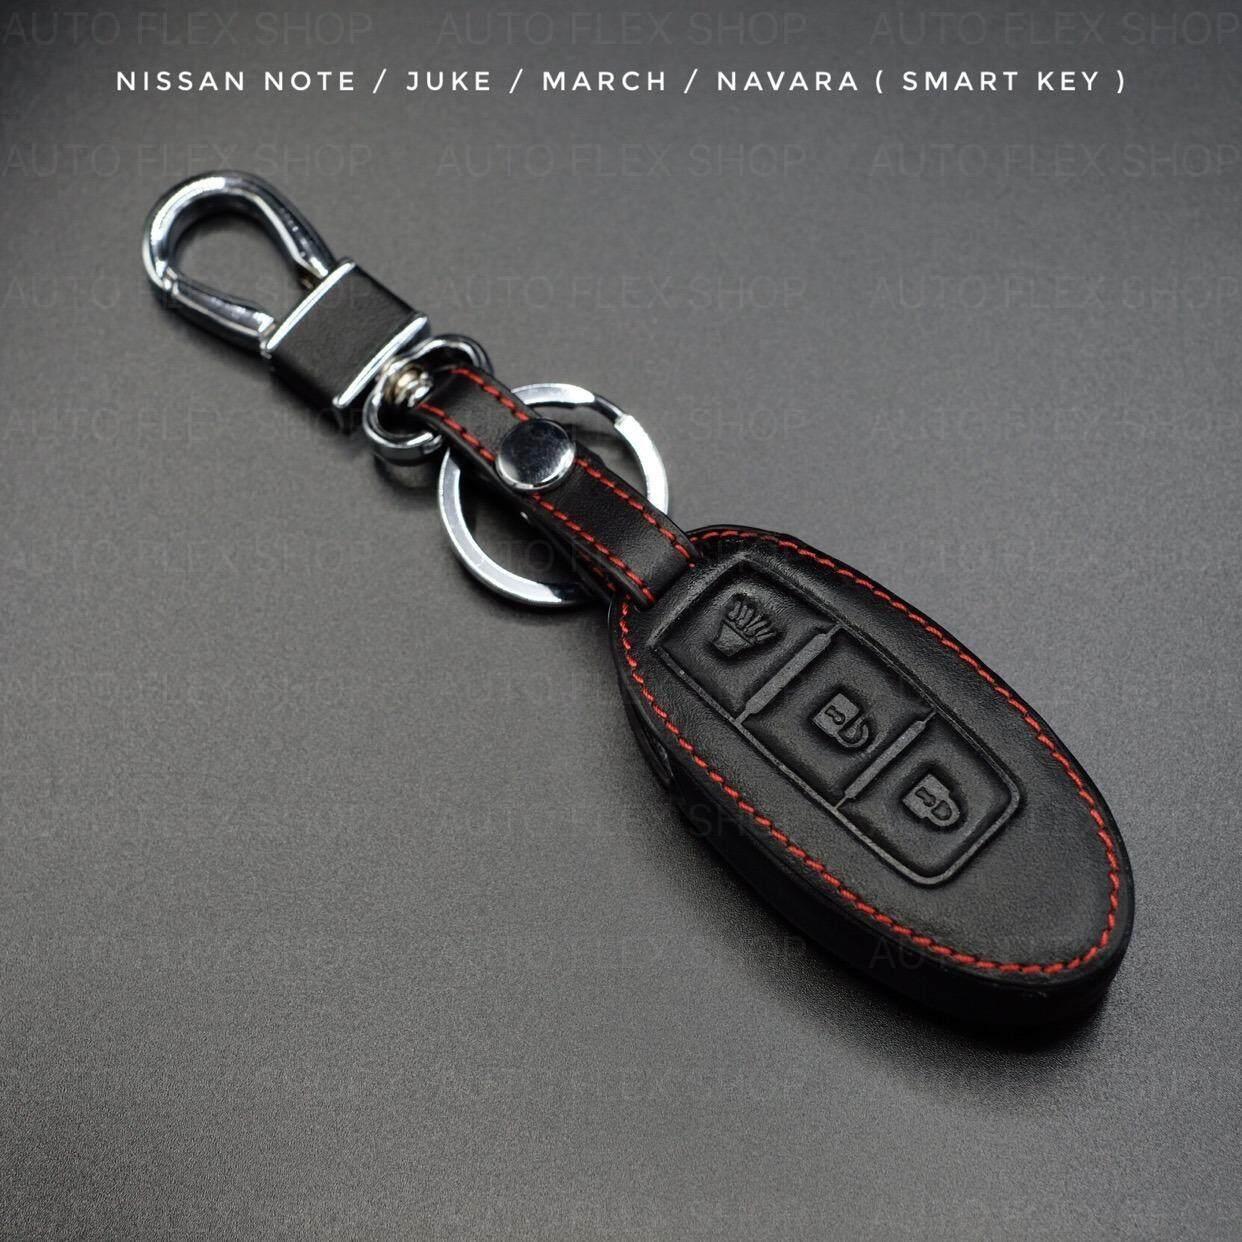 ซองหนังแท้ ใส่กุญแจรีโมทรถยนต์ Nissan Note March Juke Smart Key เป็นต้นฉบับ